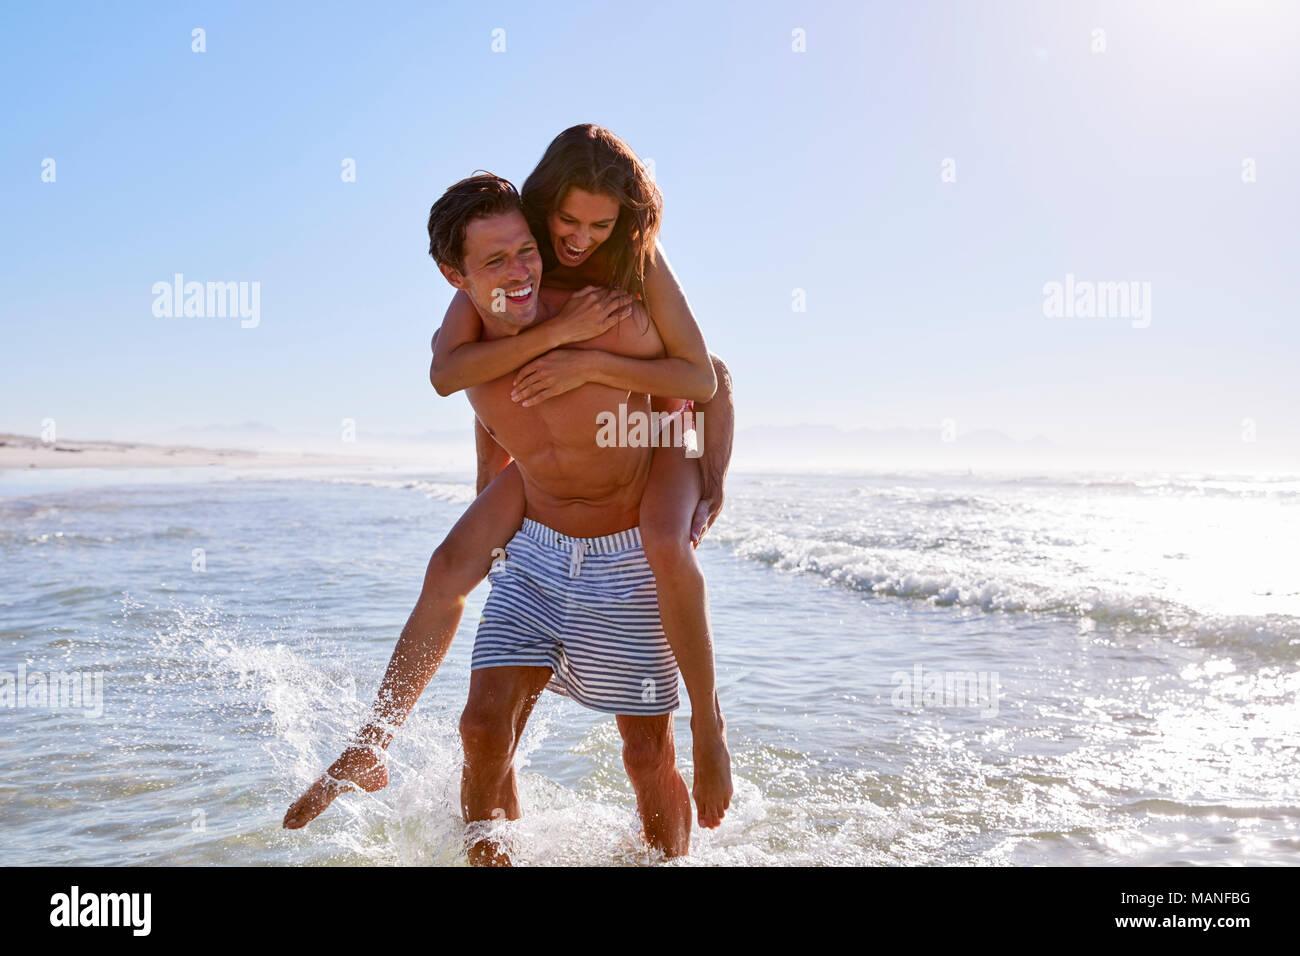 Mann, Frau, Huckepack auf Sommer Strand Ferienhäuser Stockbild